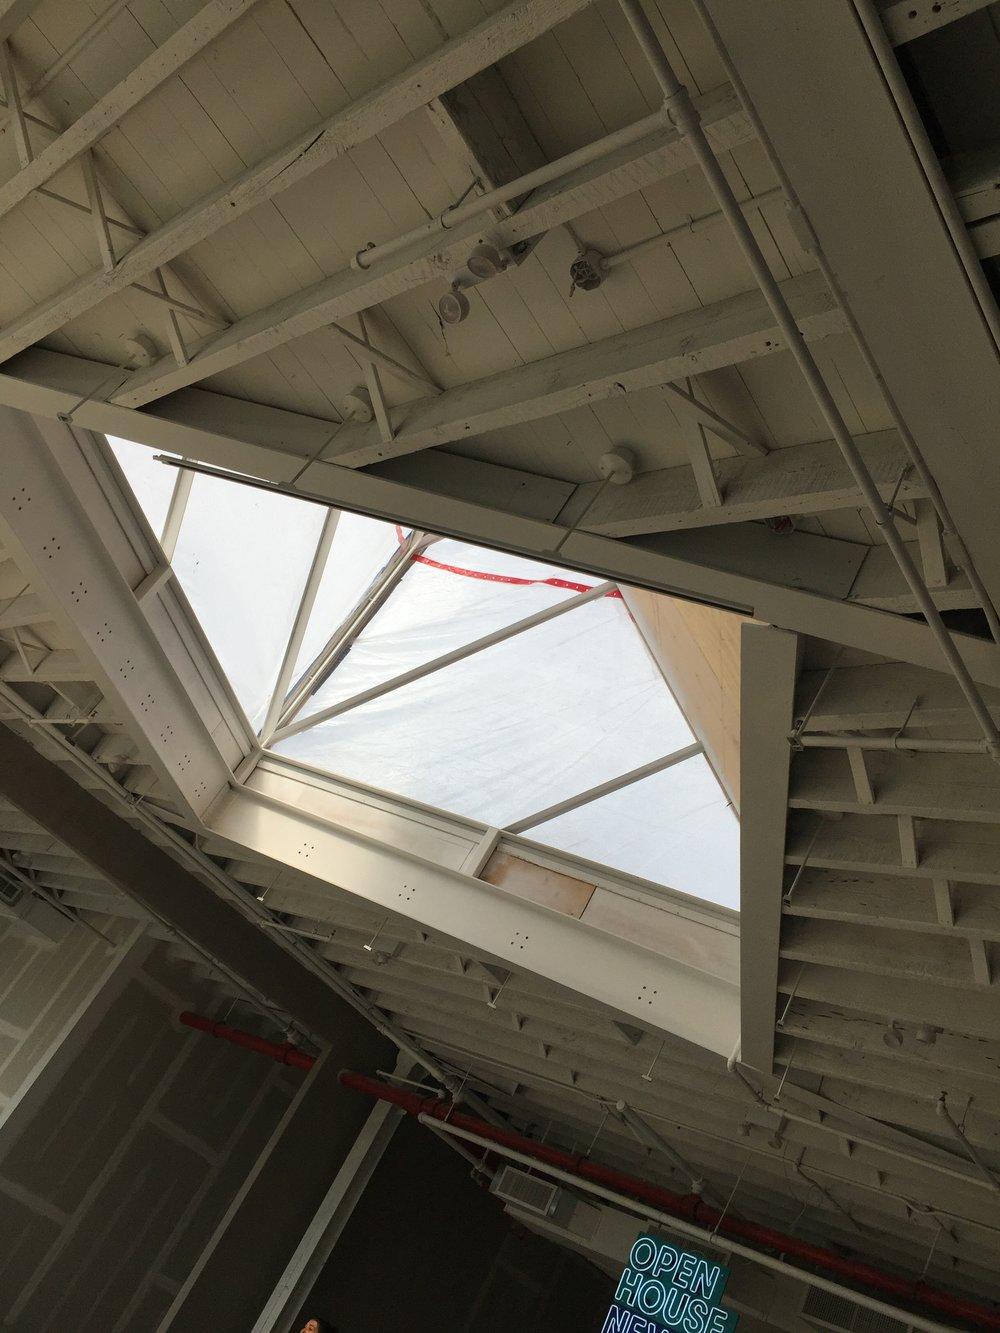 A/D/O skylight